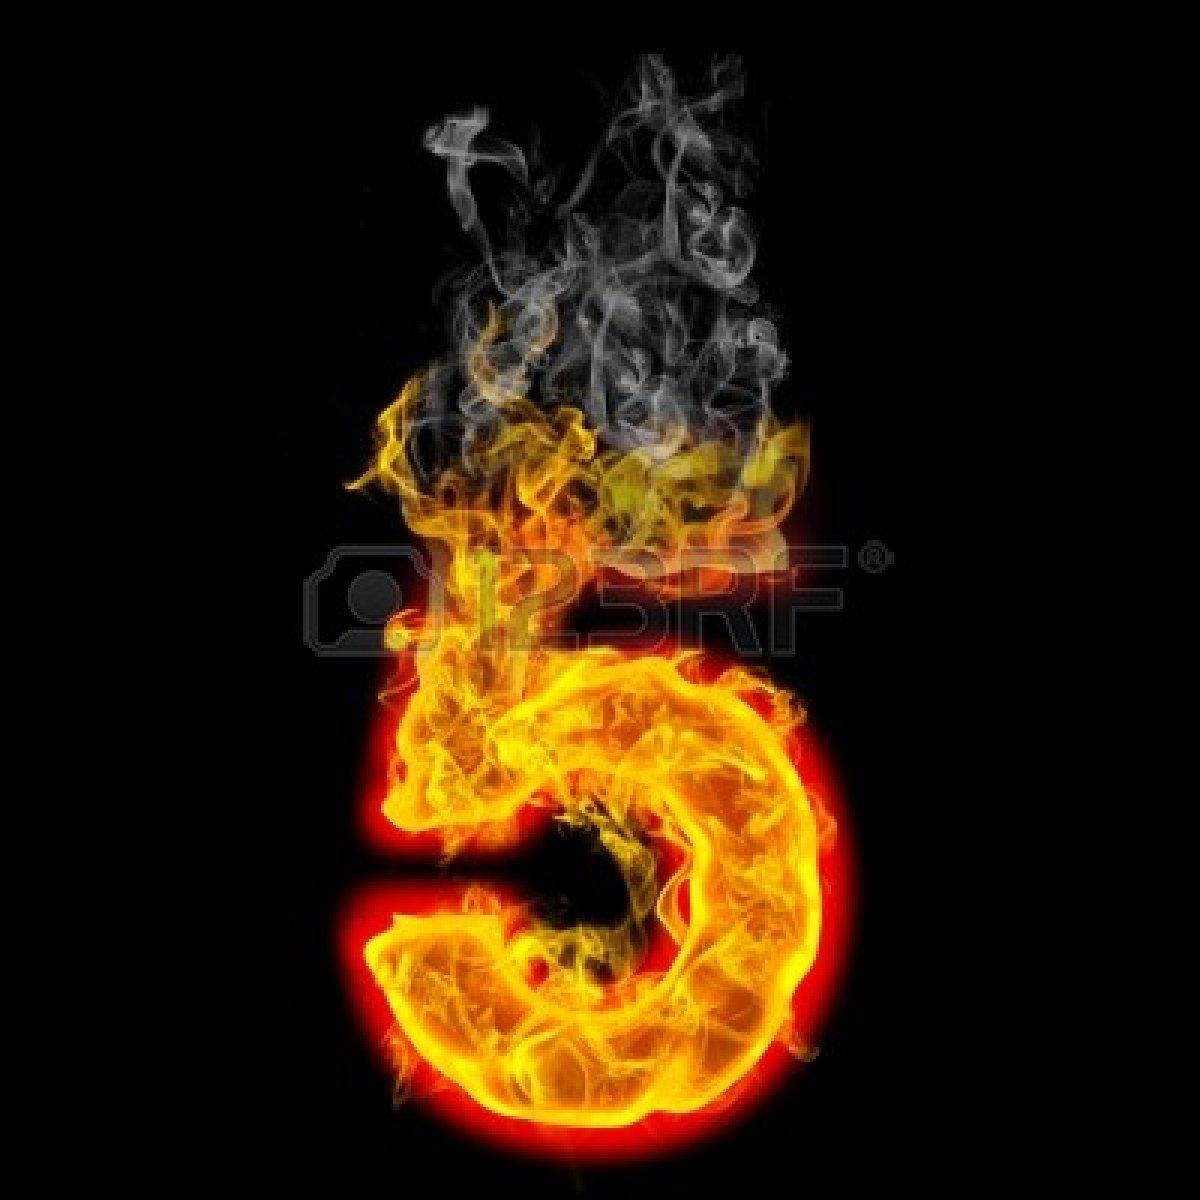 9632367-el-na-mero-5-de-ardiente-fuego